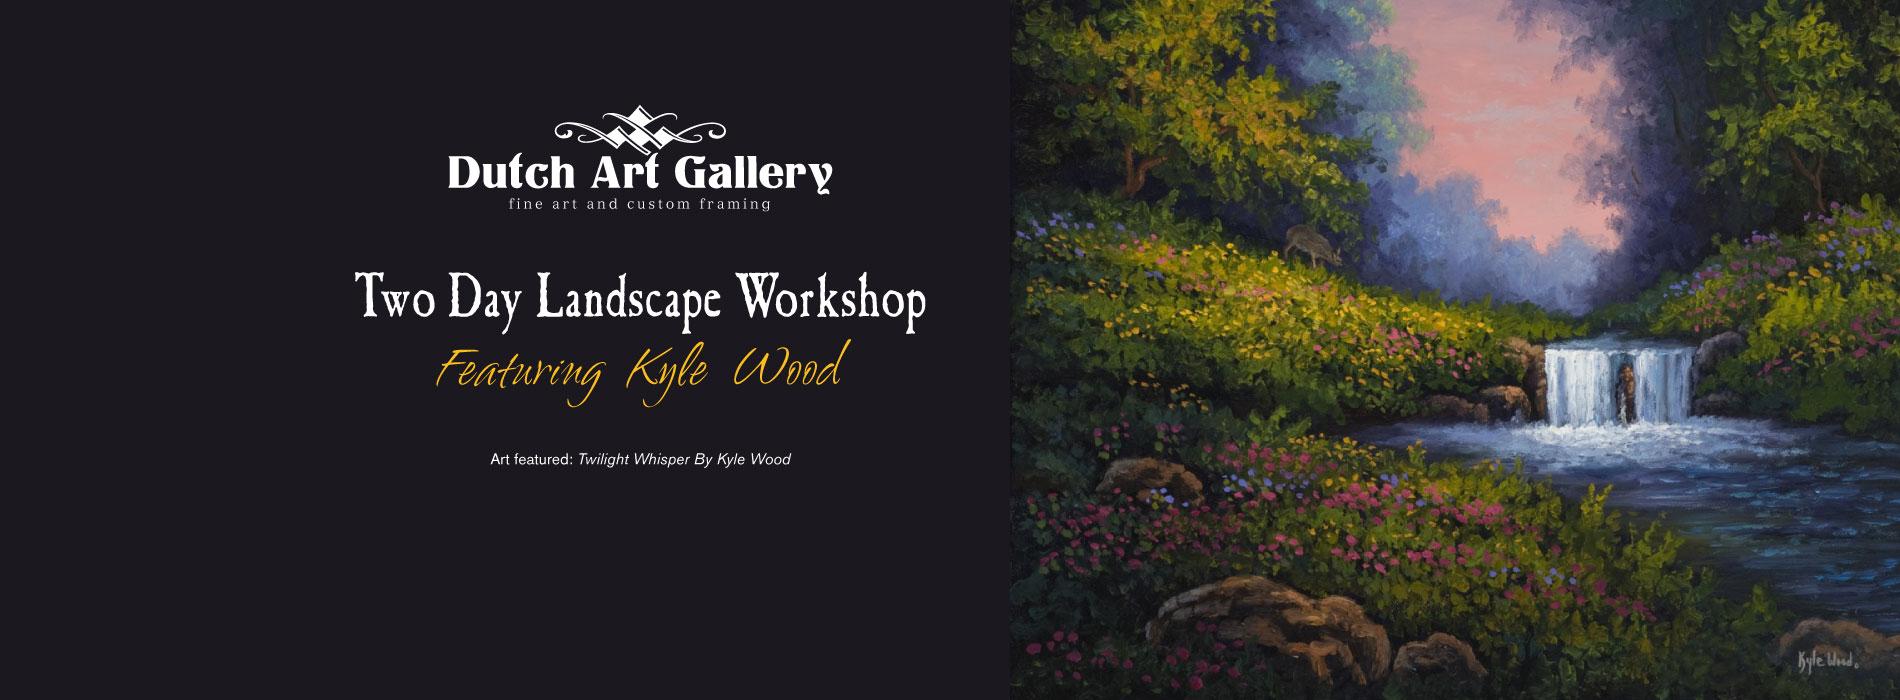 2017 Two Day Landscape Workshop